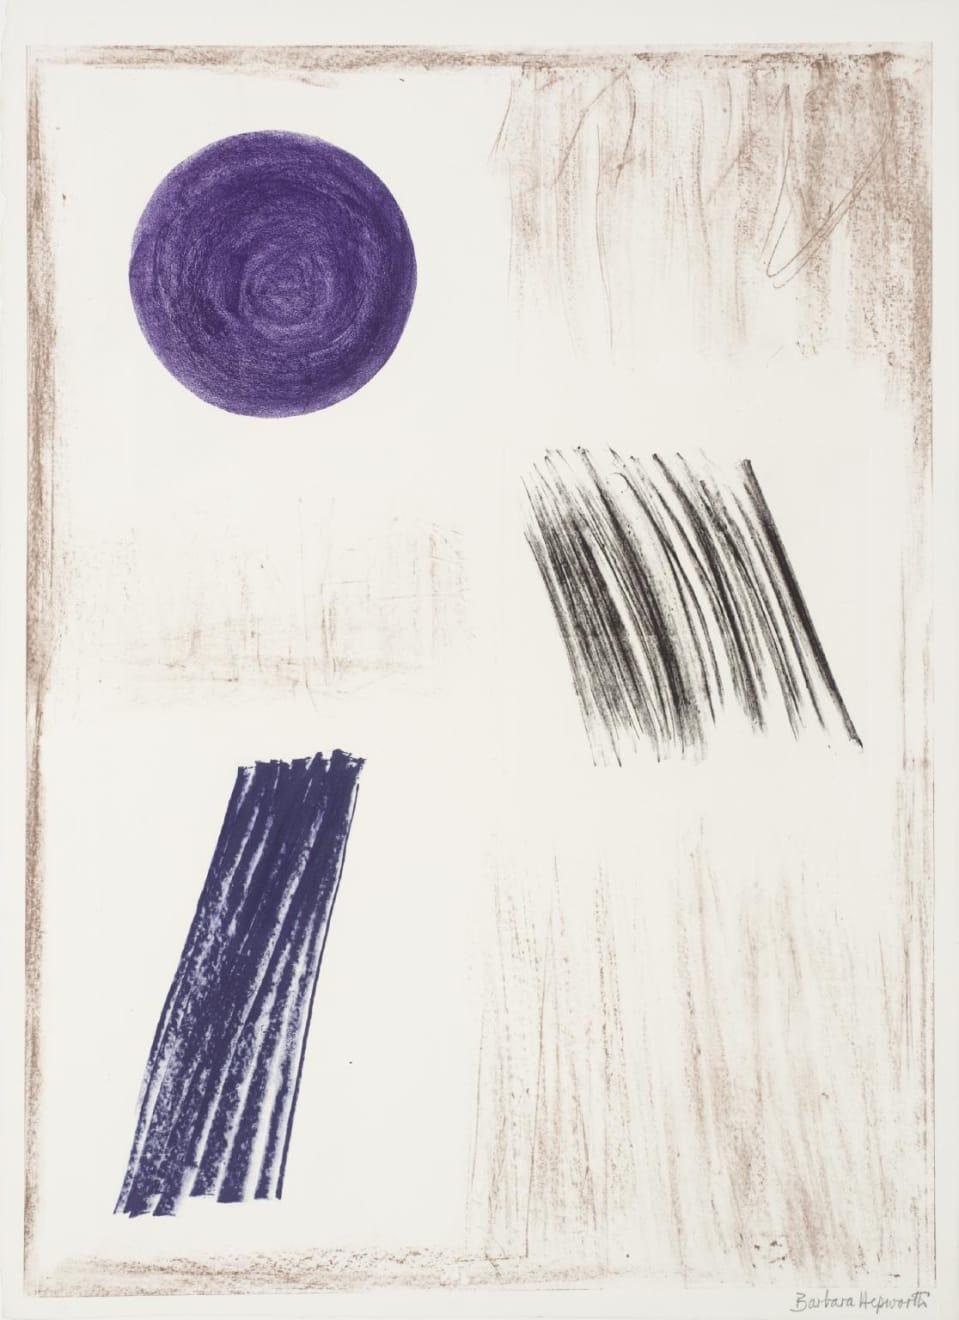 Barbara Hepworth, Autumn Shadow, 1969